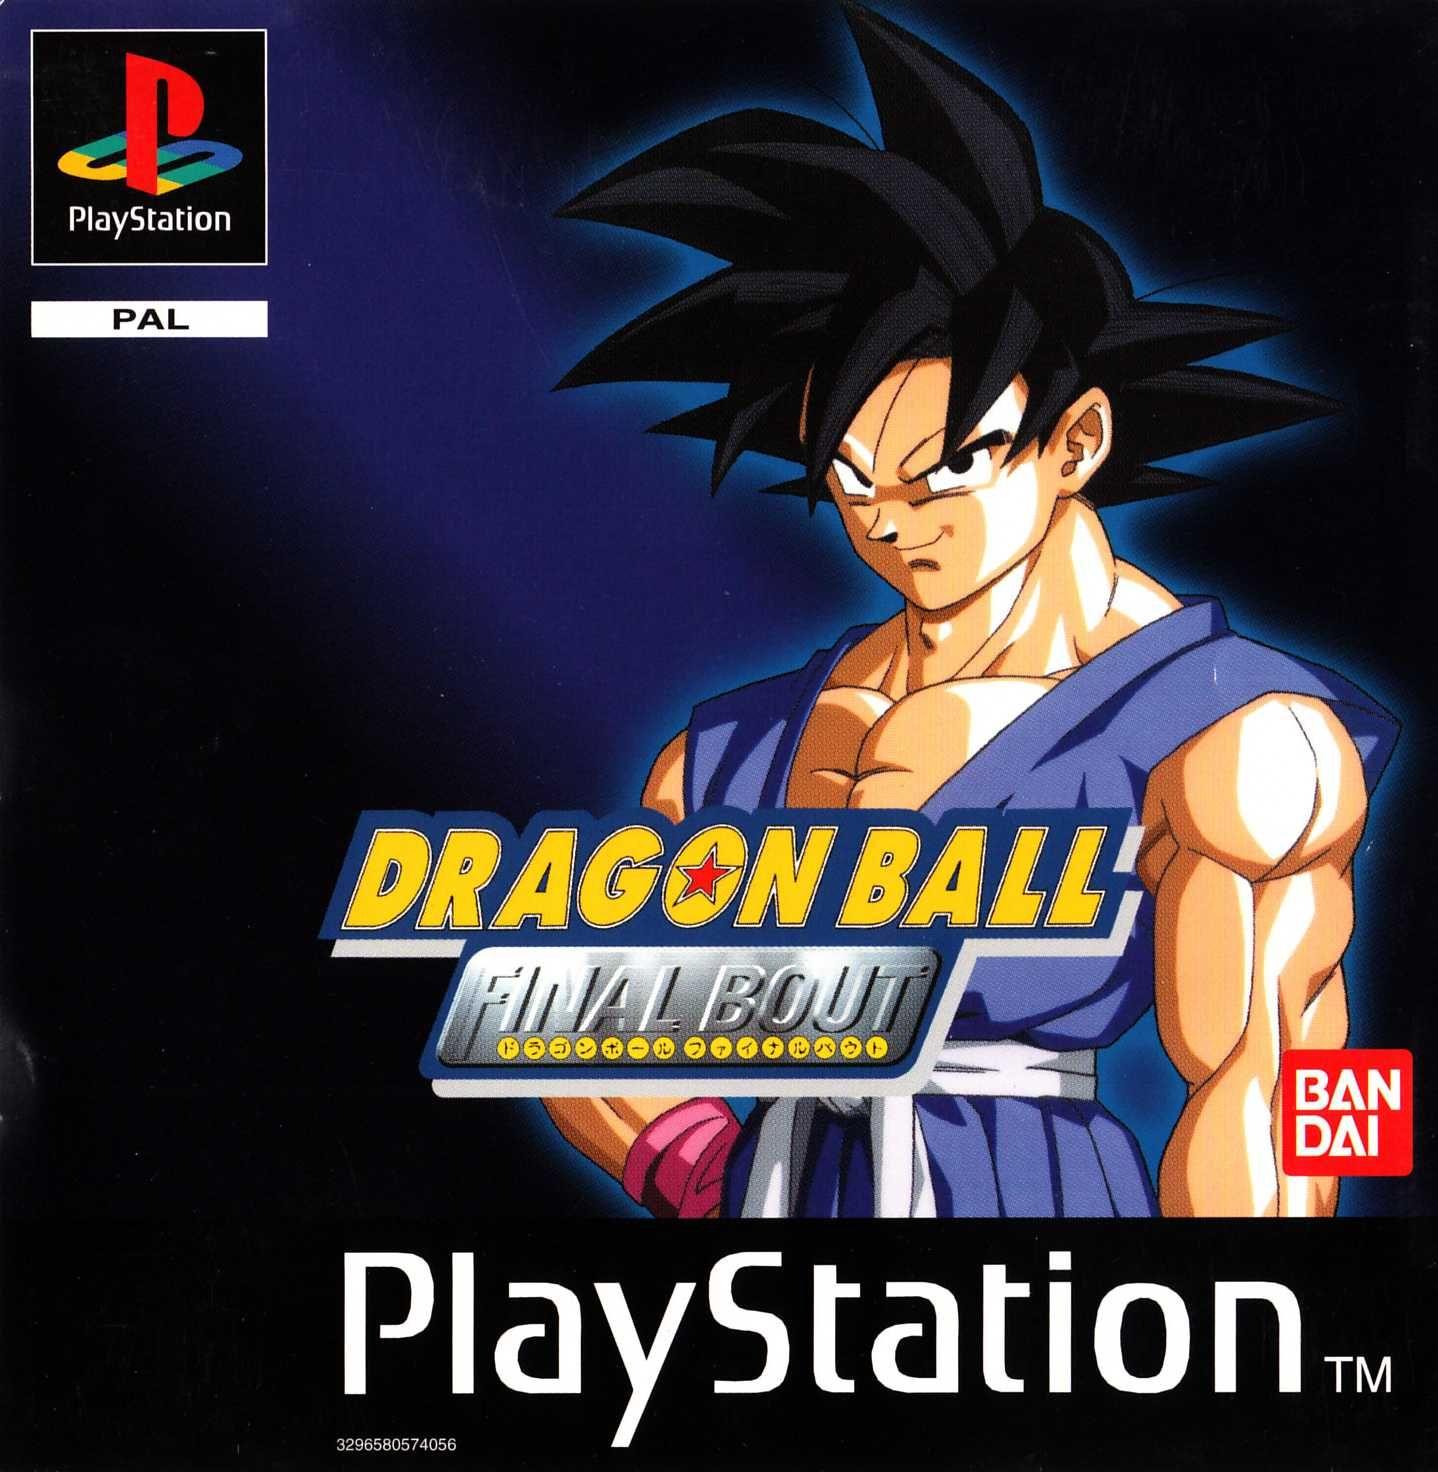 Dragon Ball Final Bout Psx Dragon ball gt final bout psx